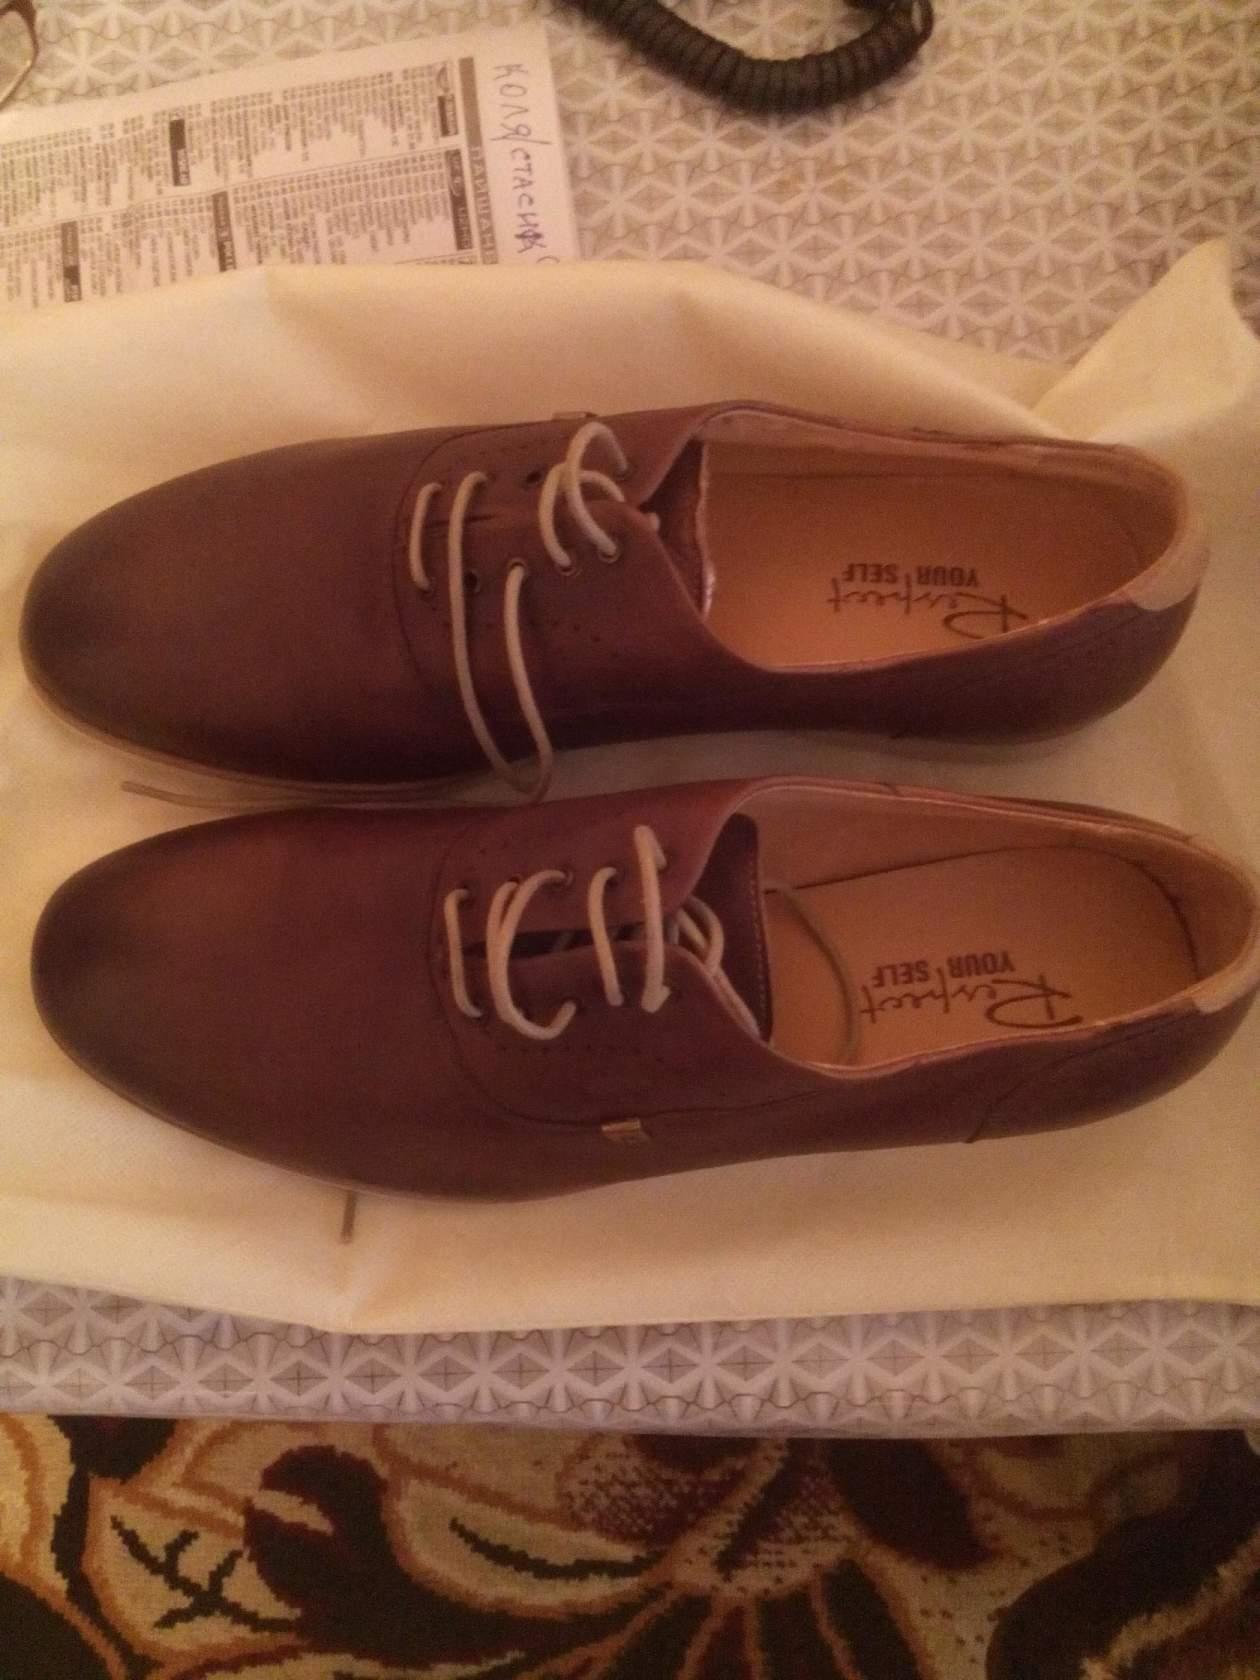 9cce79792 Продаются мужские туфли 43 р привезены из Москвы фирмы Респект цена 350  новые чистая кожа. Звонить 93 9702917